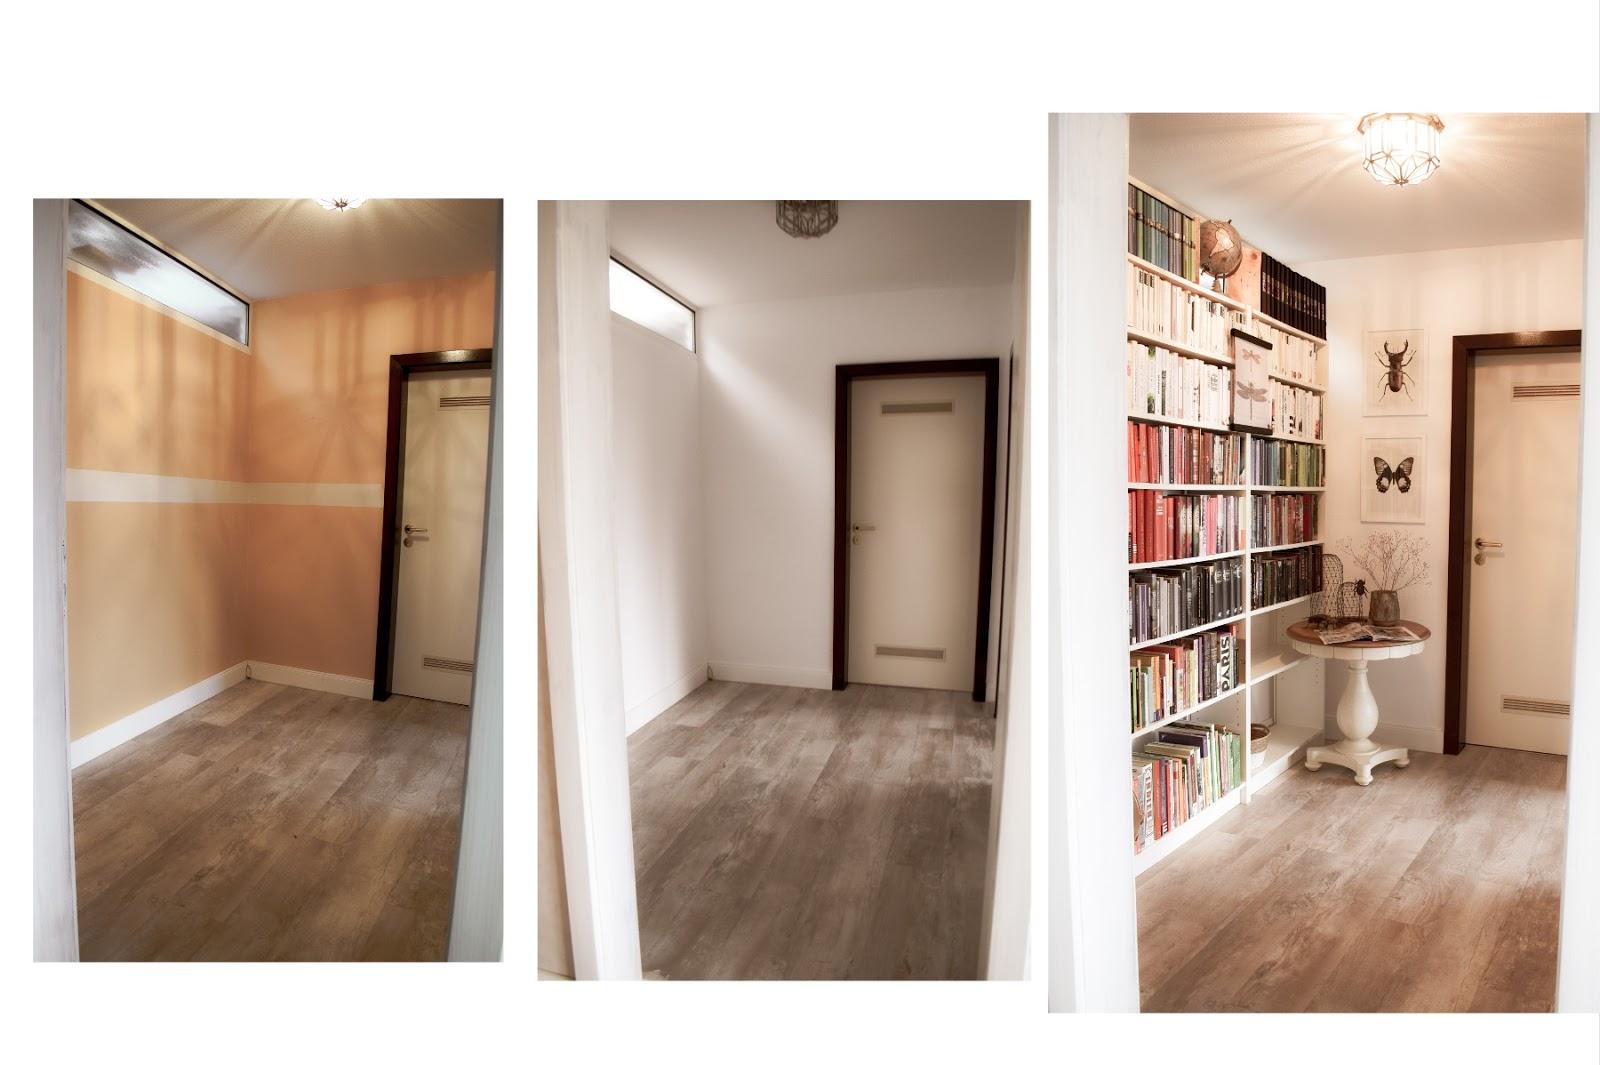 Renovierung Vorher Nachher Bücherregale ordnen und schön dekorieren. Dekotipps Ordnung Bücher Regale Bibliothek